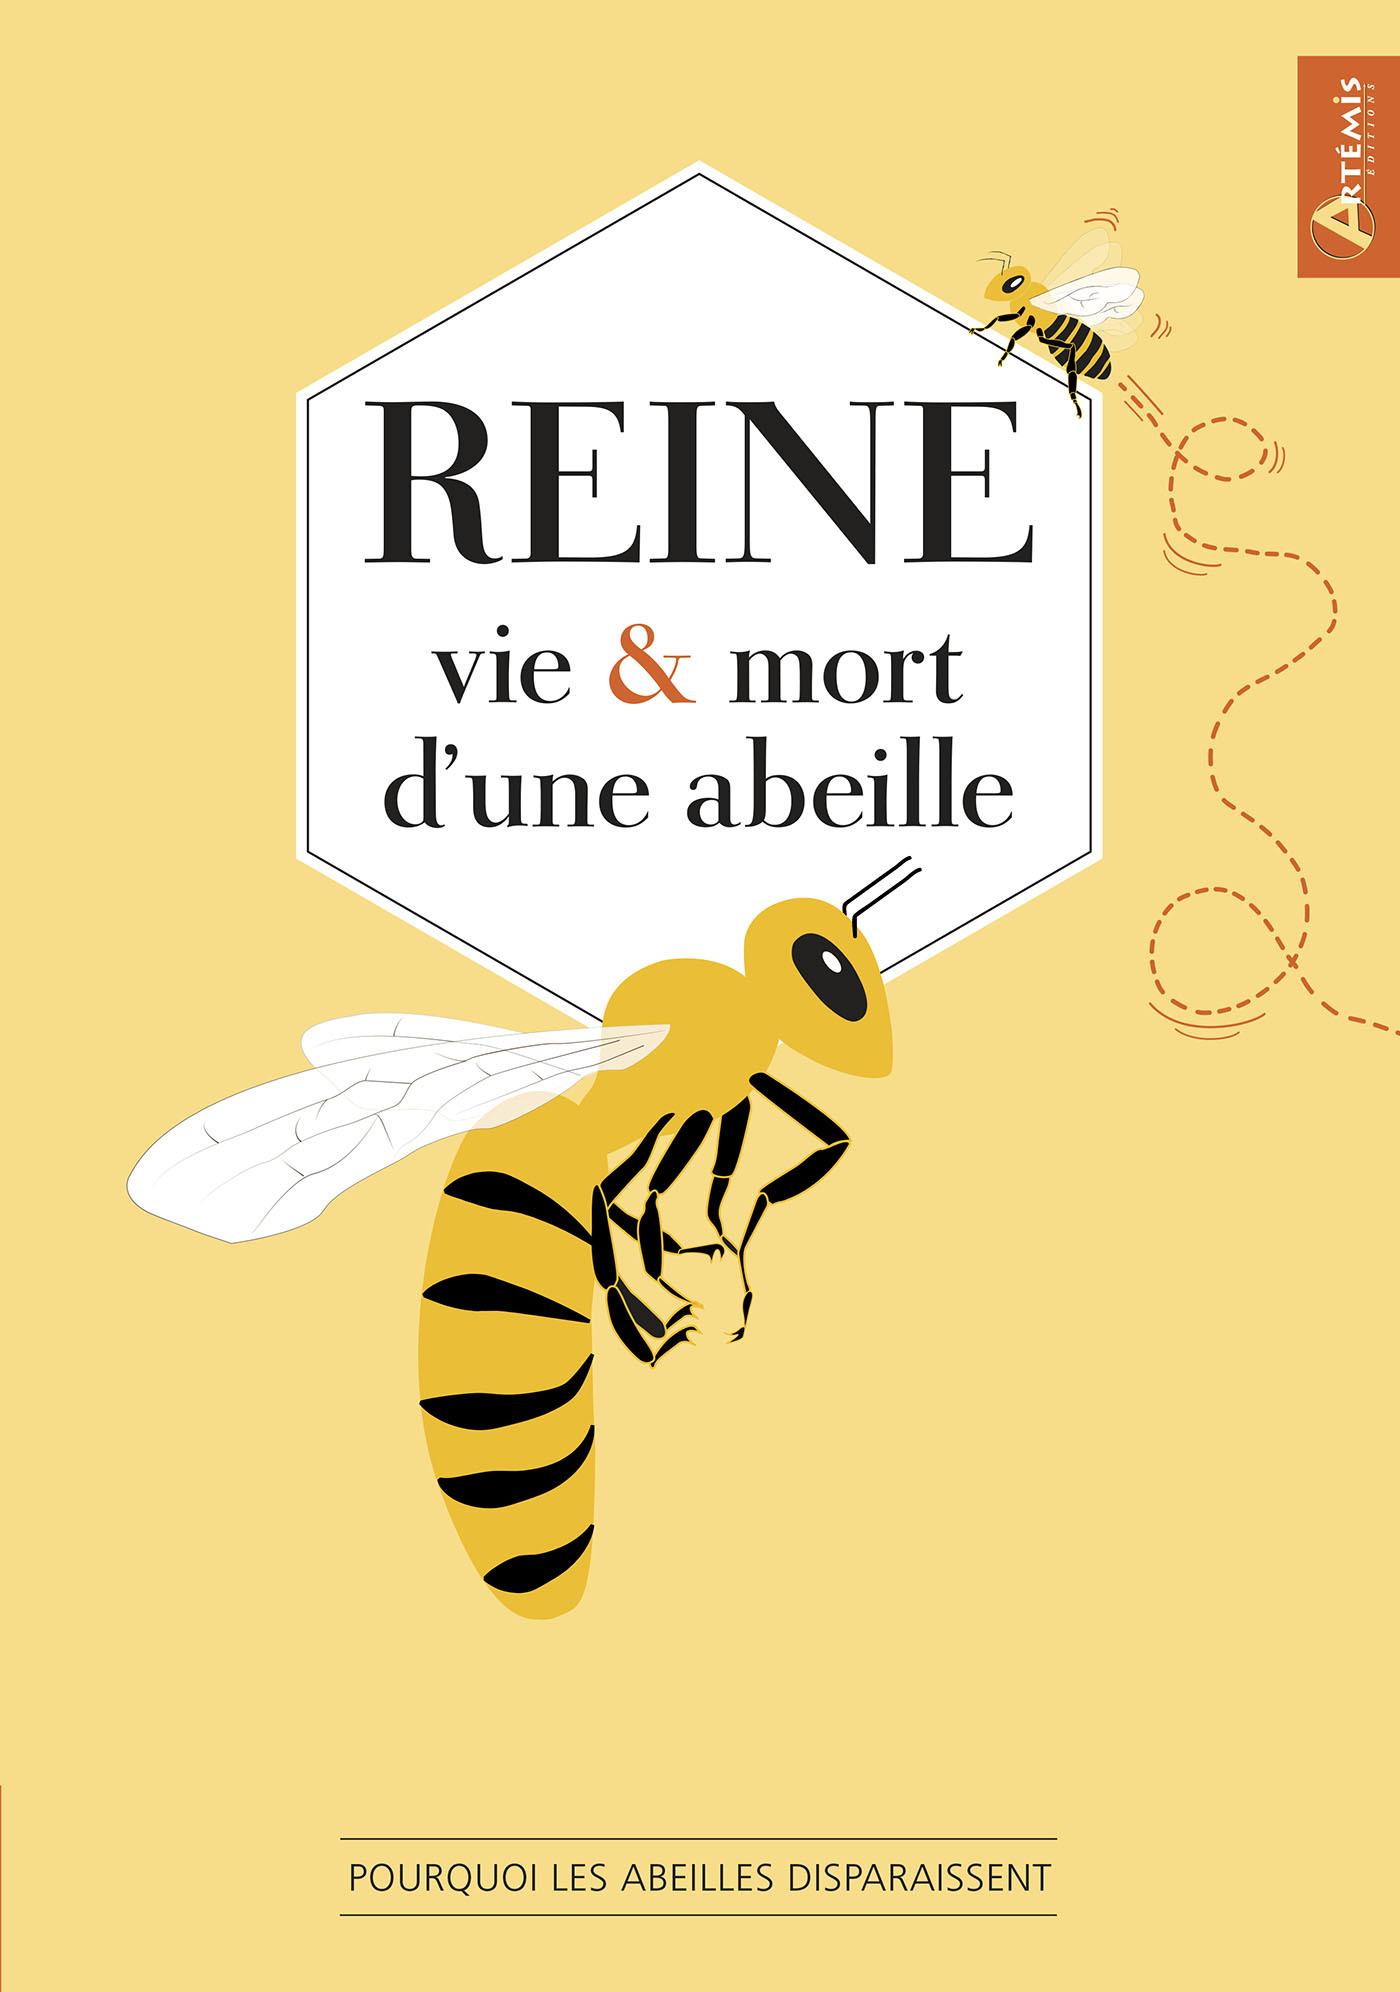 REINE, VIE ET MORT D'UNE ABEILLE